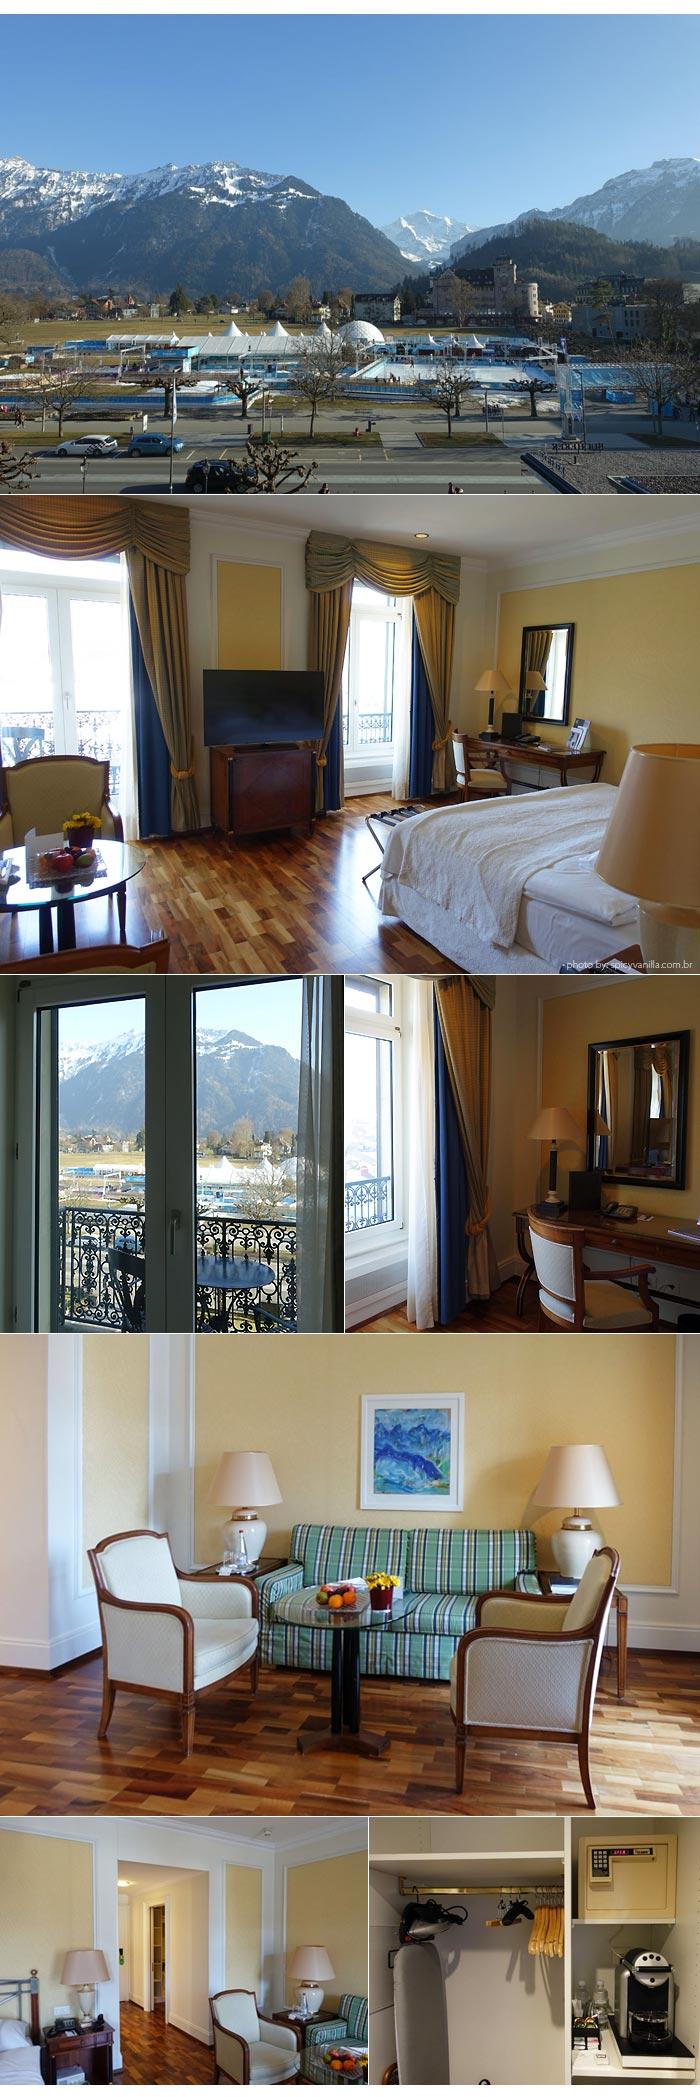 victoria jungfrau suite - Dica de Hotel | Victoria Jungfrau Grand Hotel & Spa em Interlaken